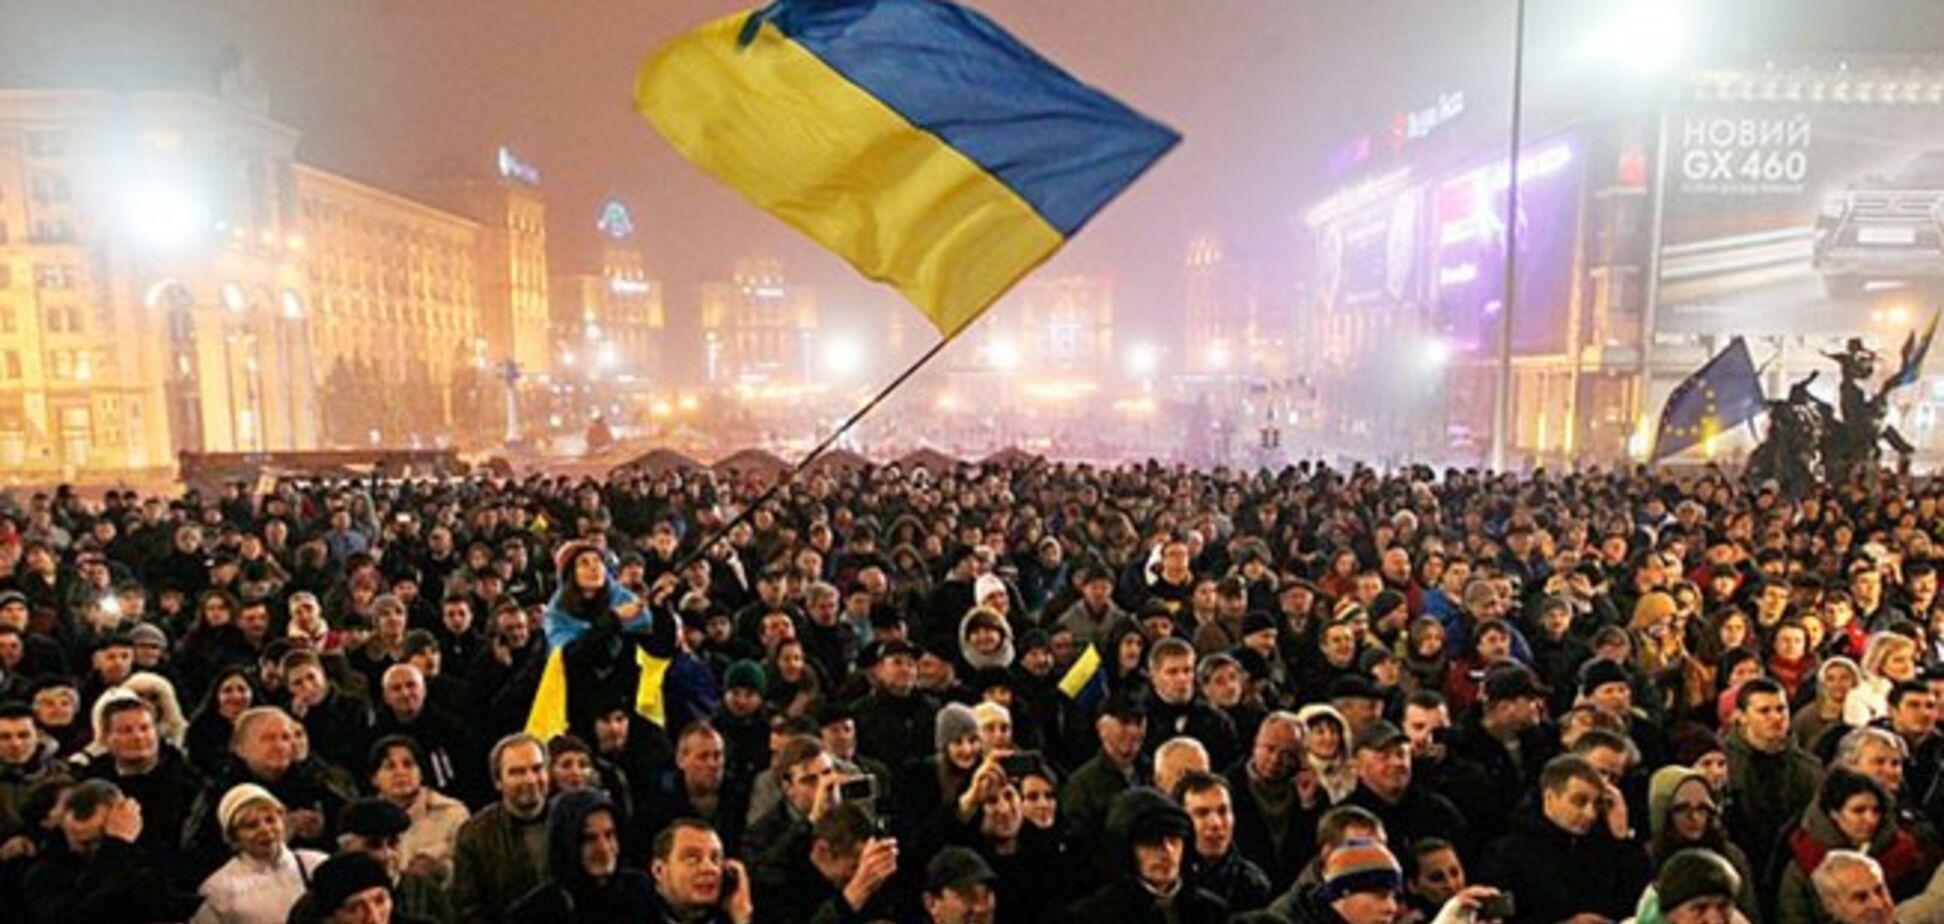 Украинцы обижены: реформы и Томос отстранили их от кормушки